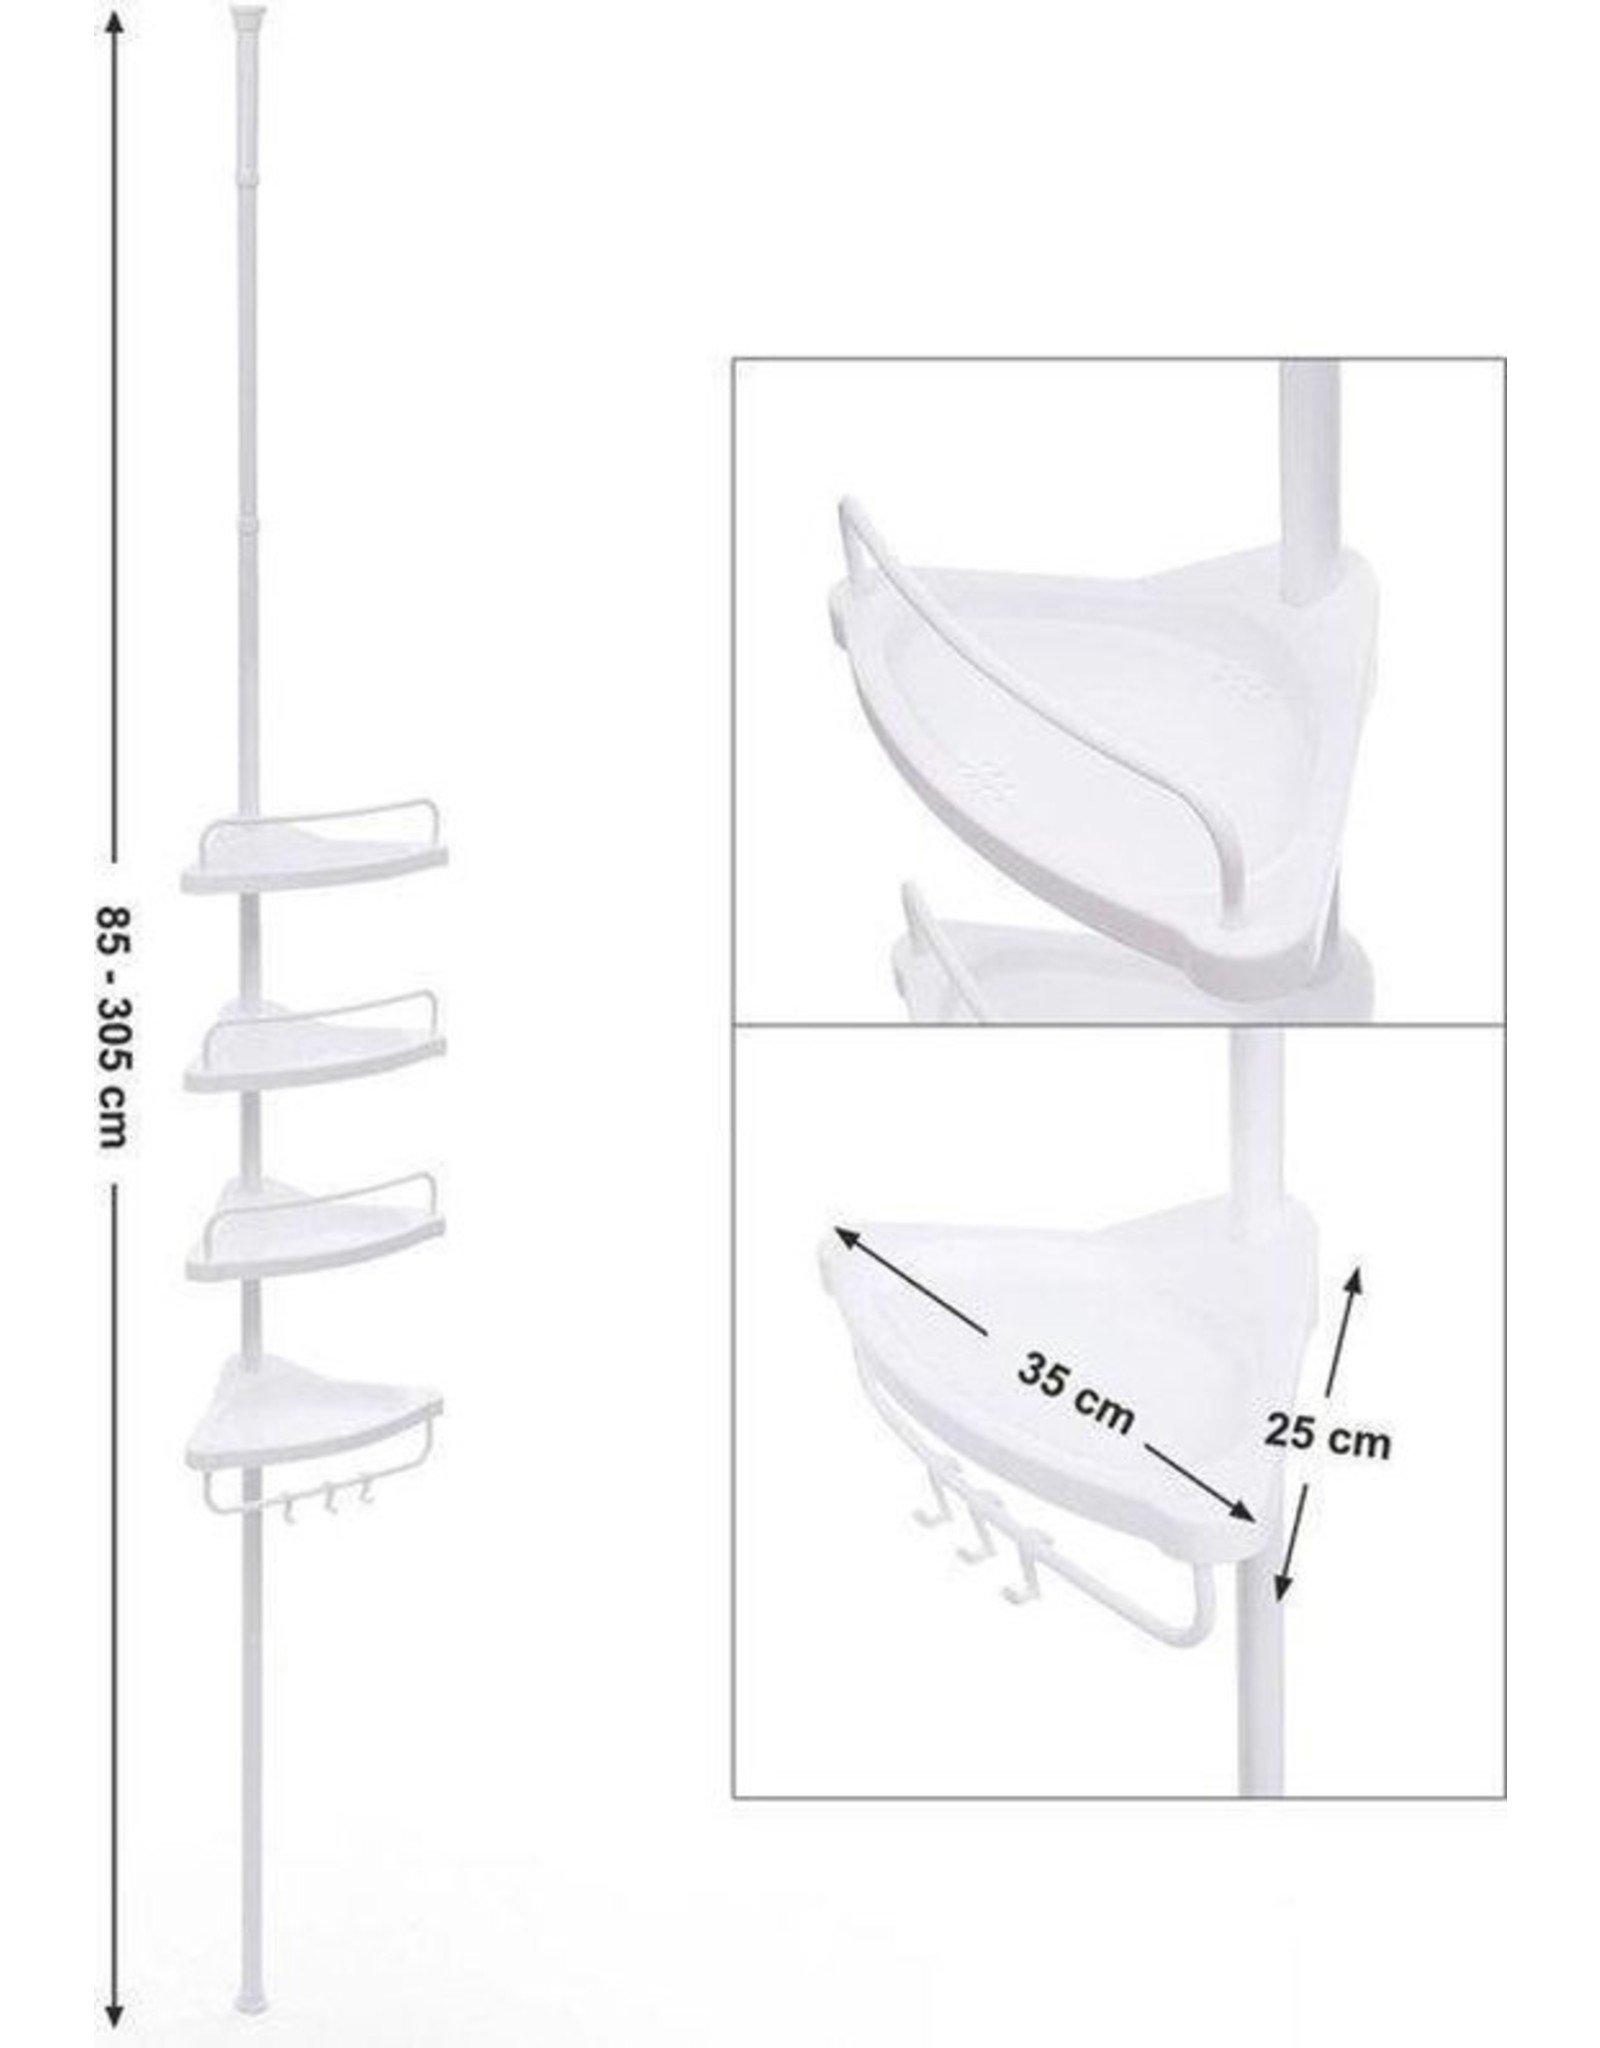 Parya Home Parya Home - Praktisch Douche Rek met 4 Schappen voor de Badkamer - Aanpasbaar qua Lengte - Wit